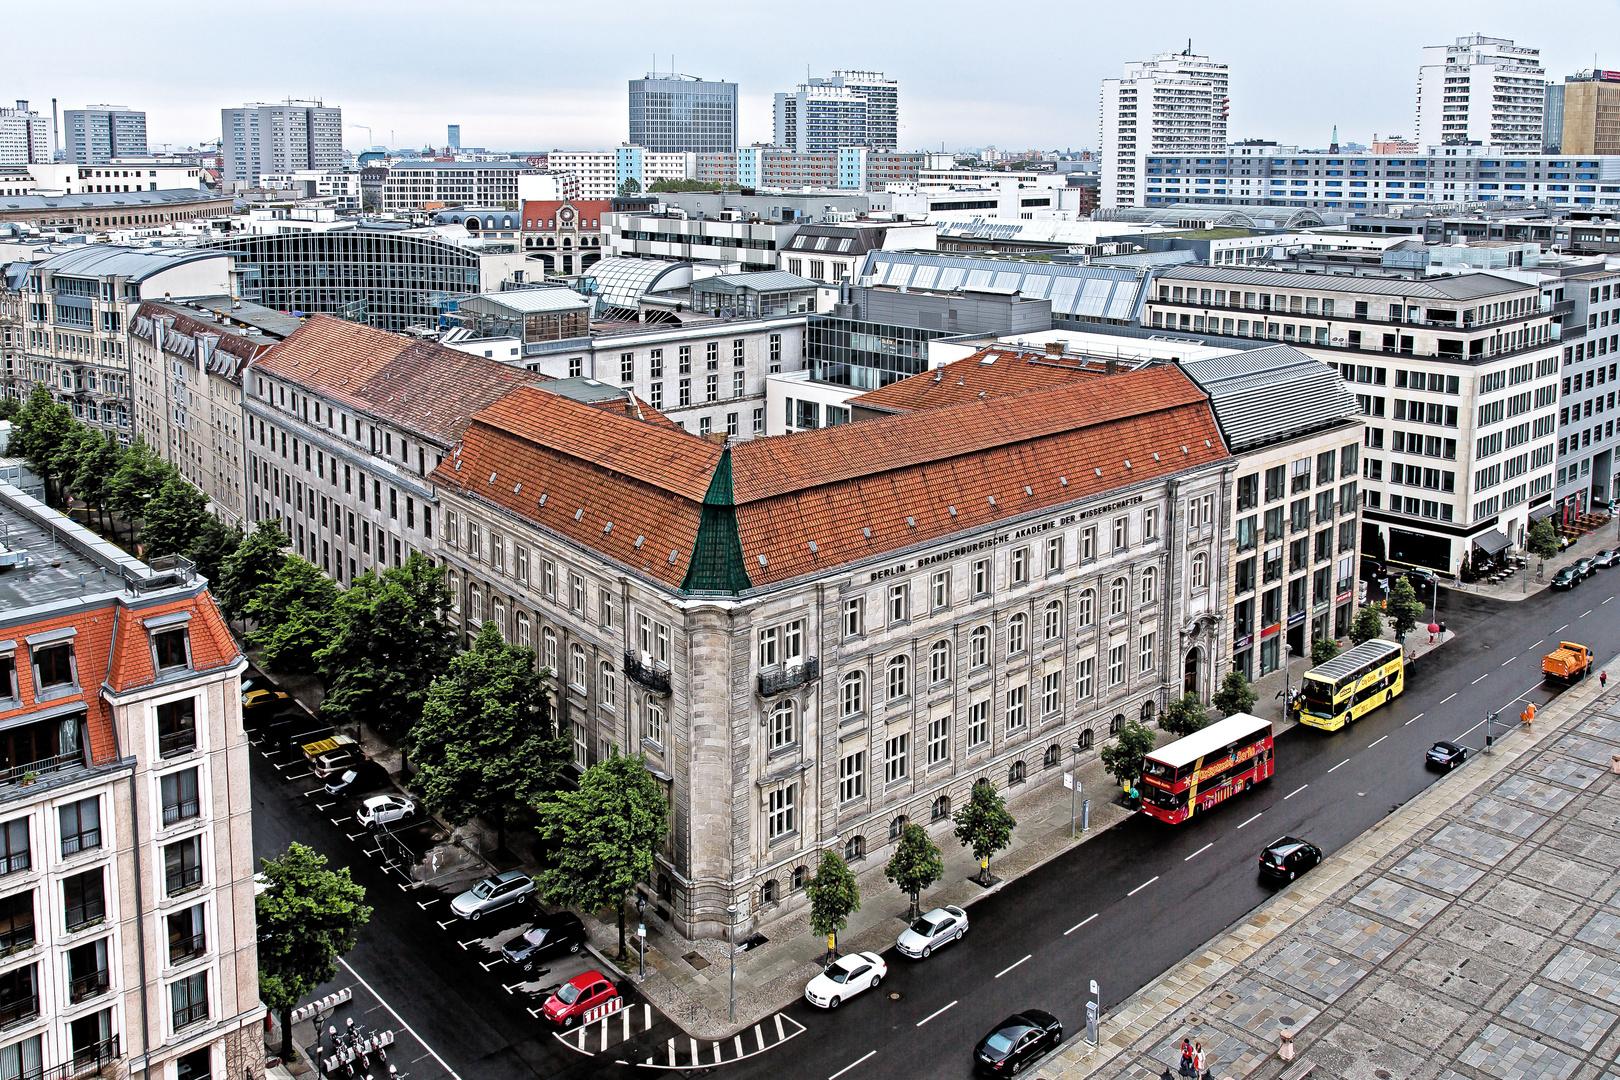 Berlin Brandenburgische Akademie